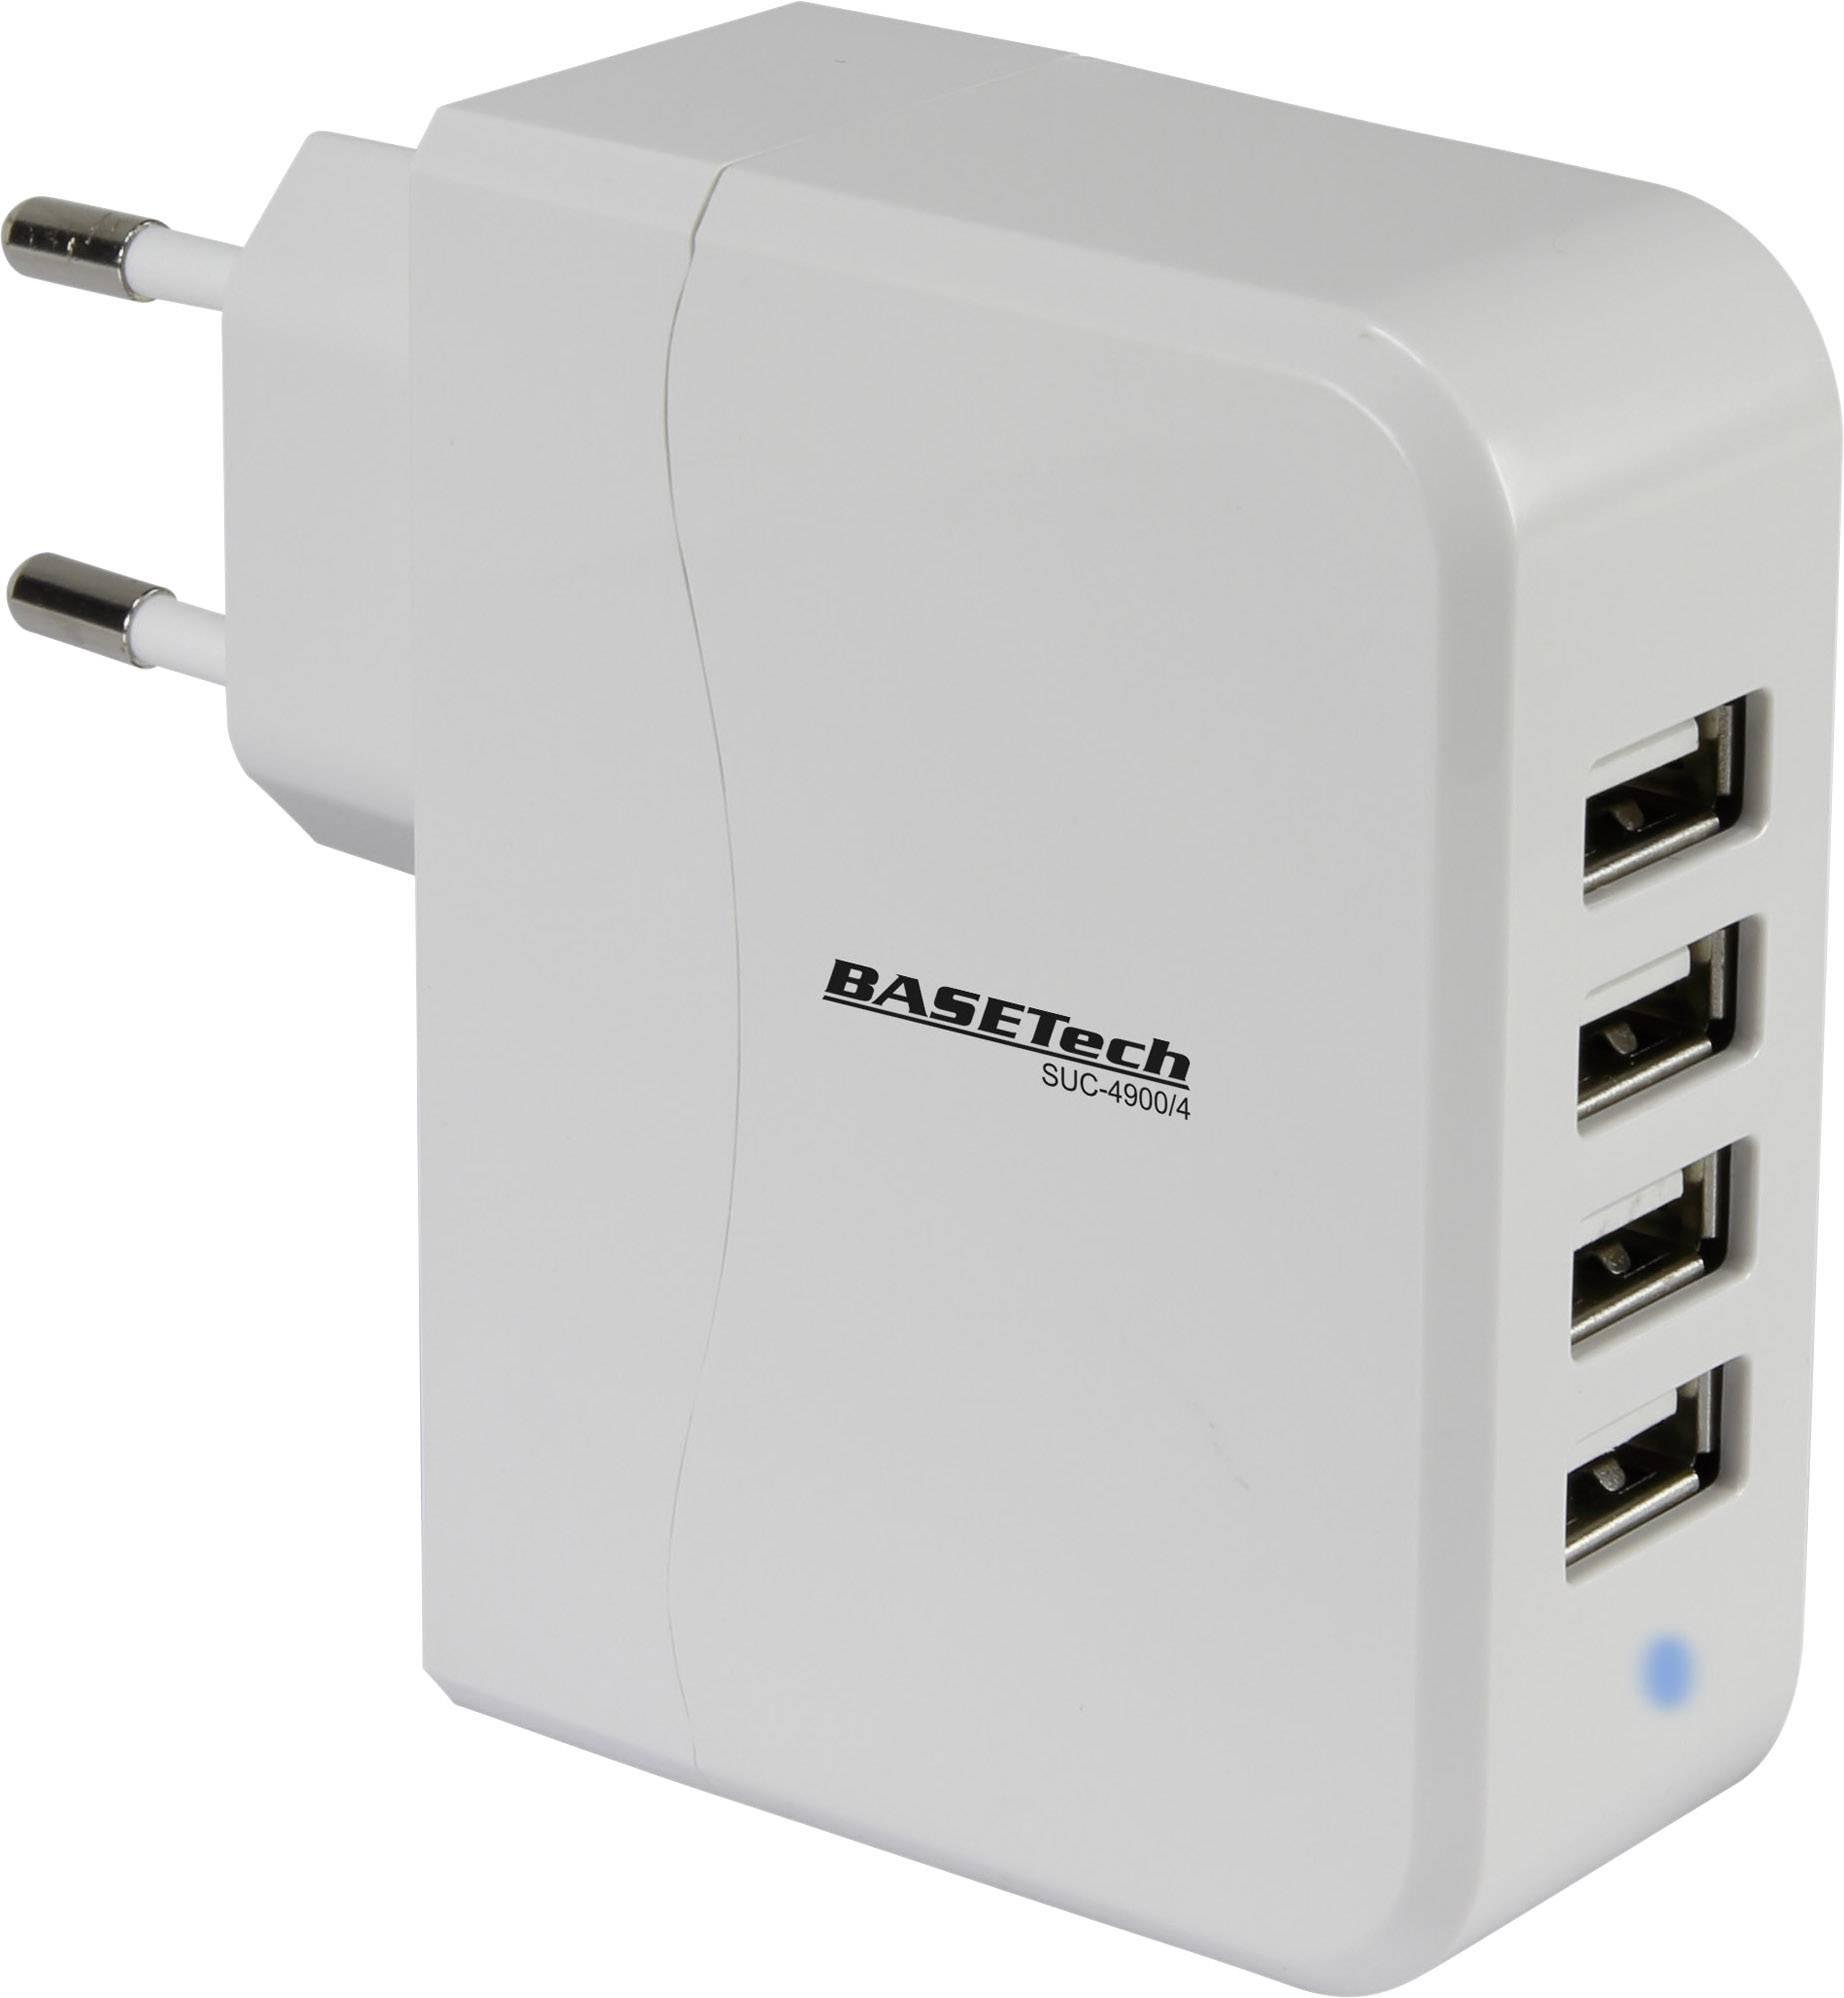 USB nabíjačka Basetech SUC-4900/4, 4900 mA, sivá